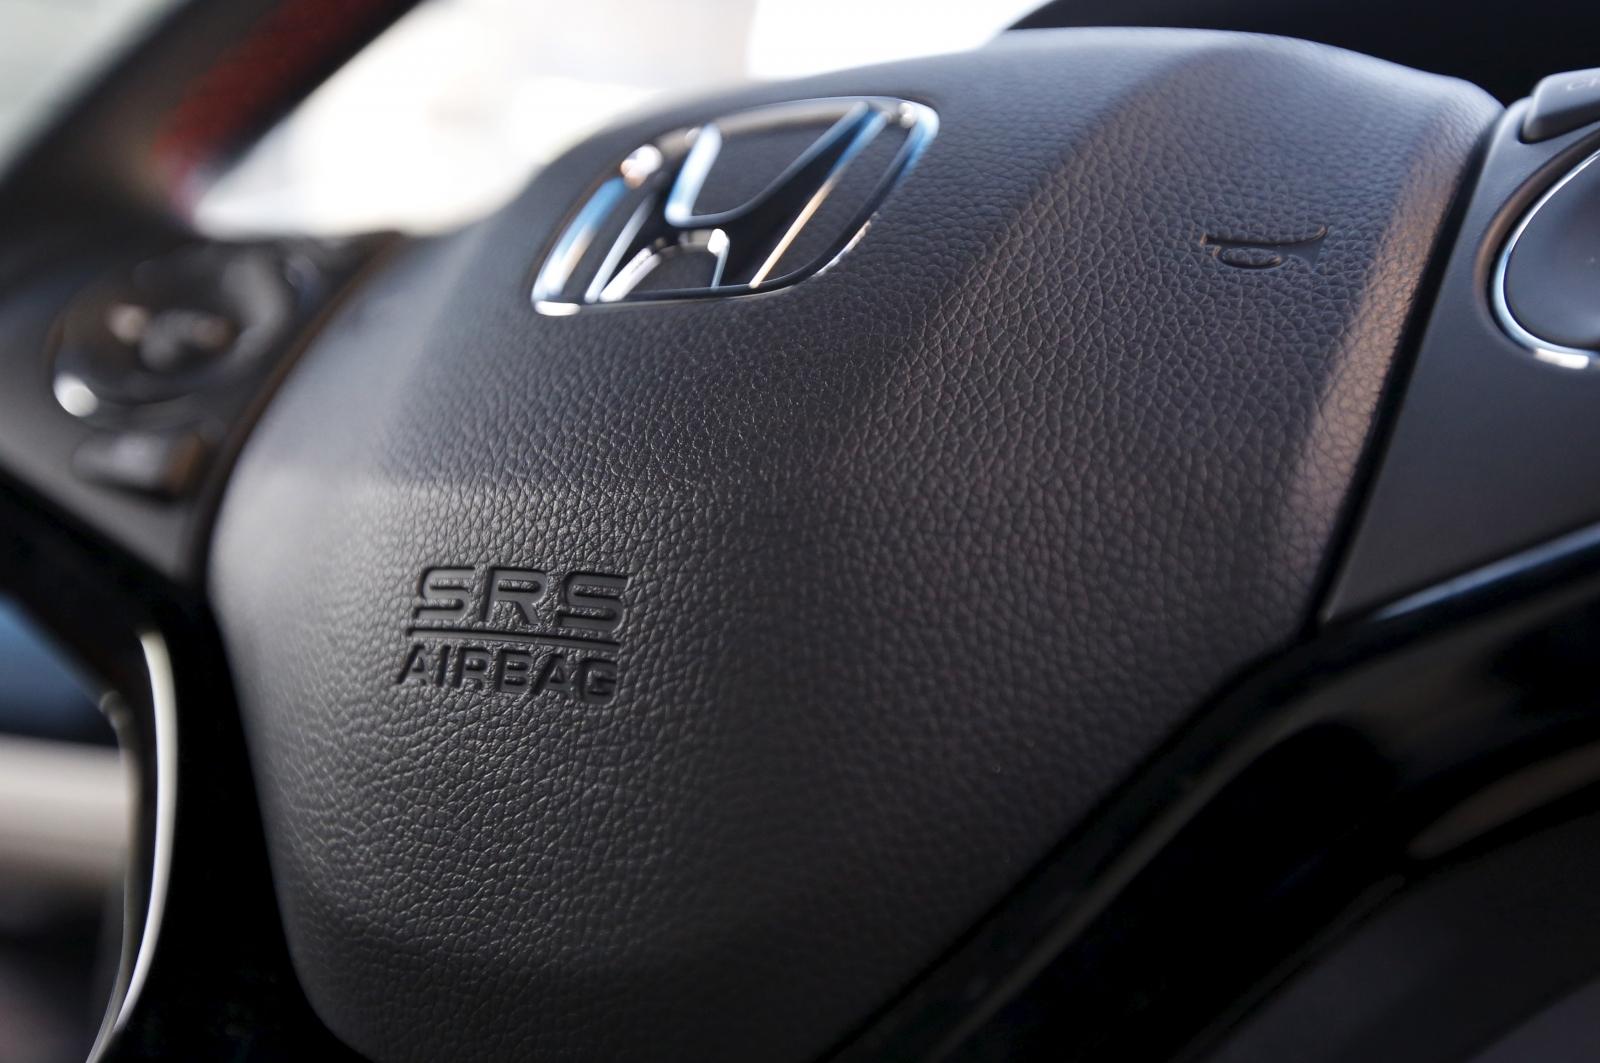 Honda recalls 668,000 cars in Japan across 16 models over defective Takata air bags